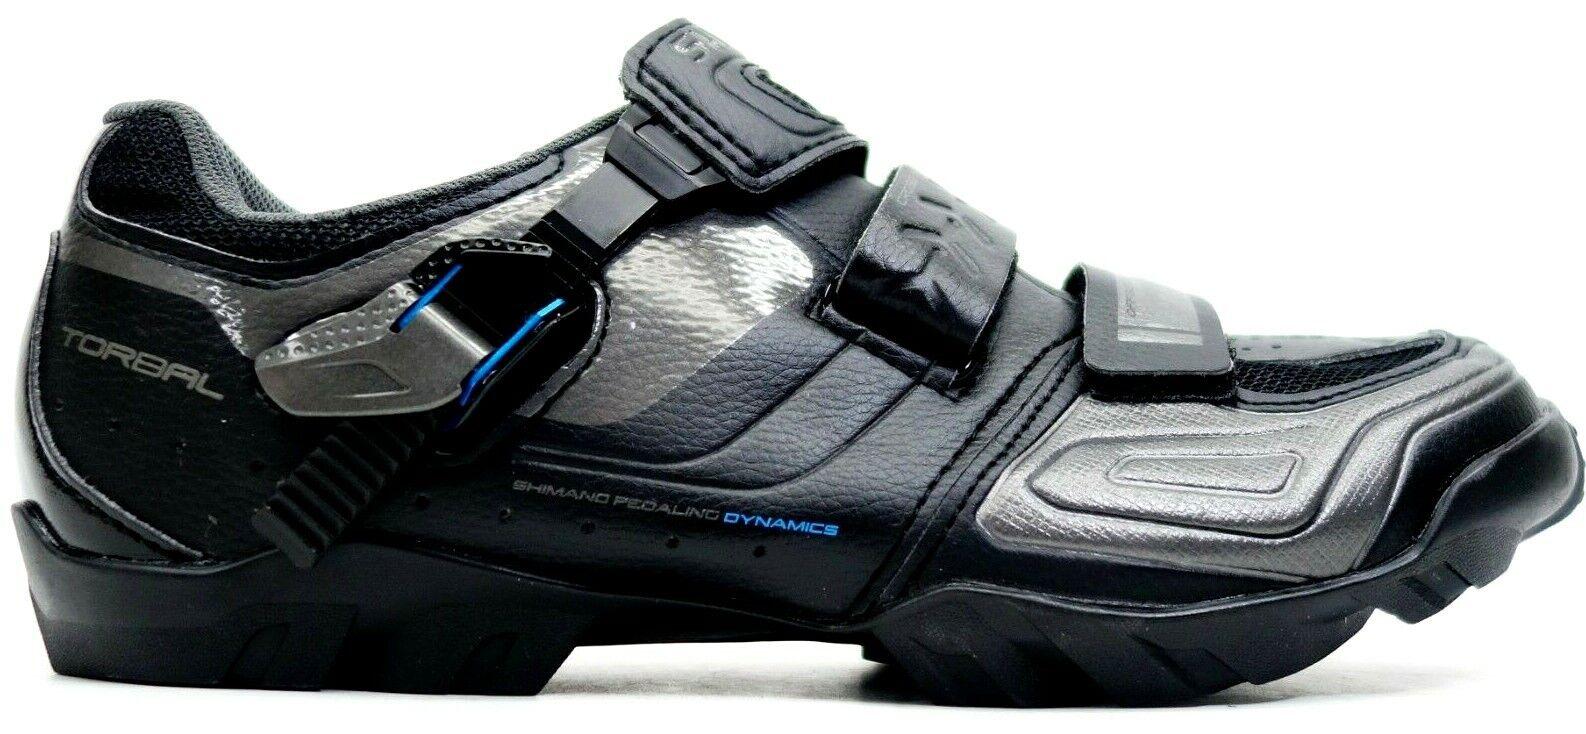 Shimano M089 Herren US 8.3 Eu 42 Schwarz Athletik Fahrrad Radfahren Schuhe